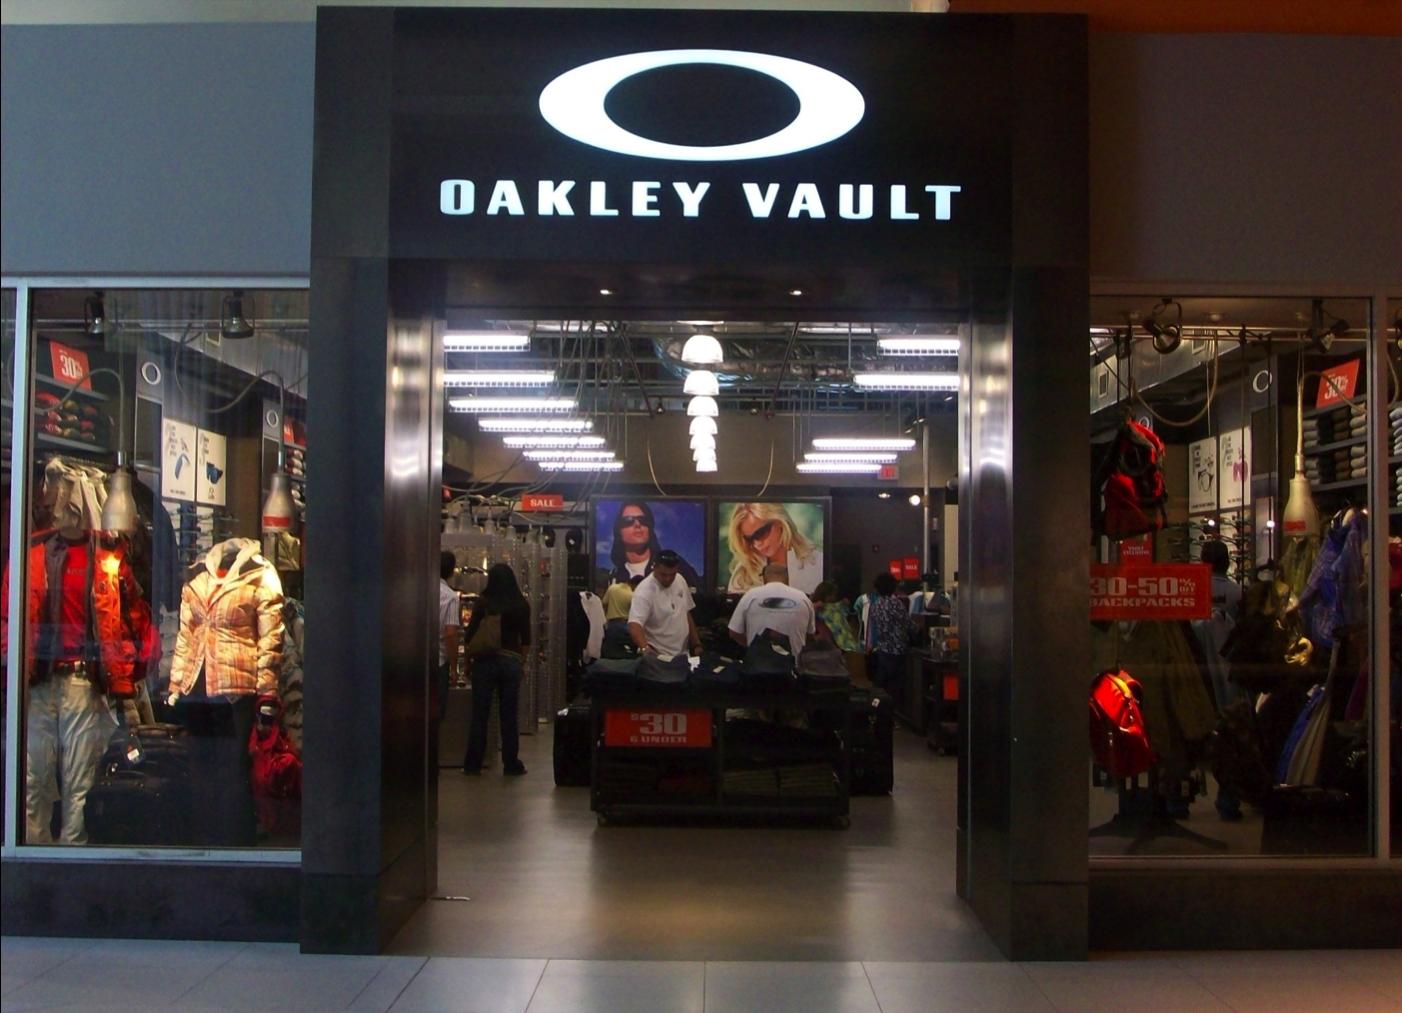 oakley discount store  oakley vault image 0